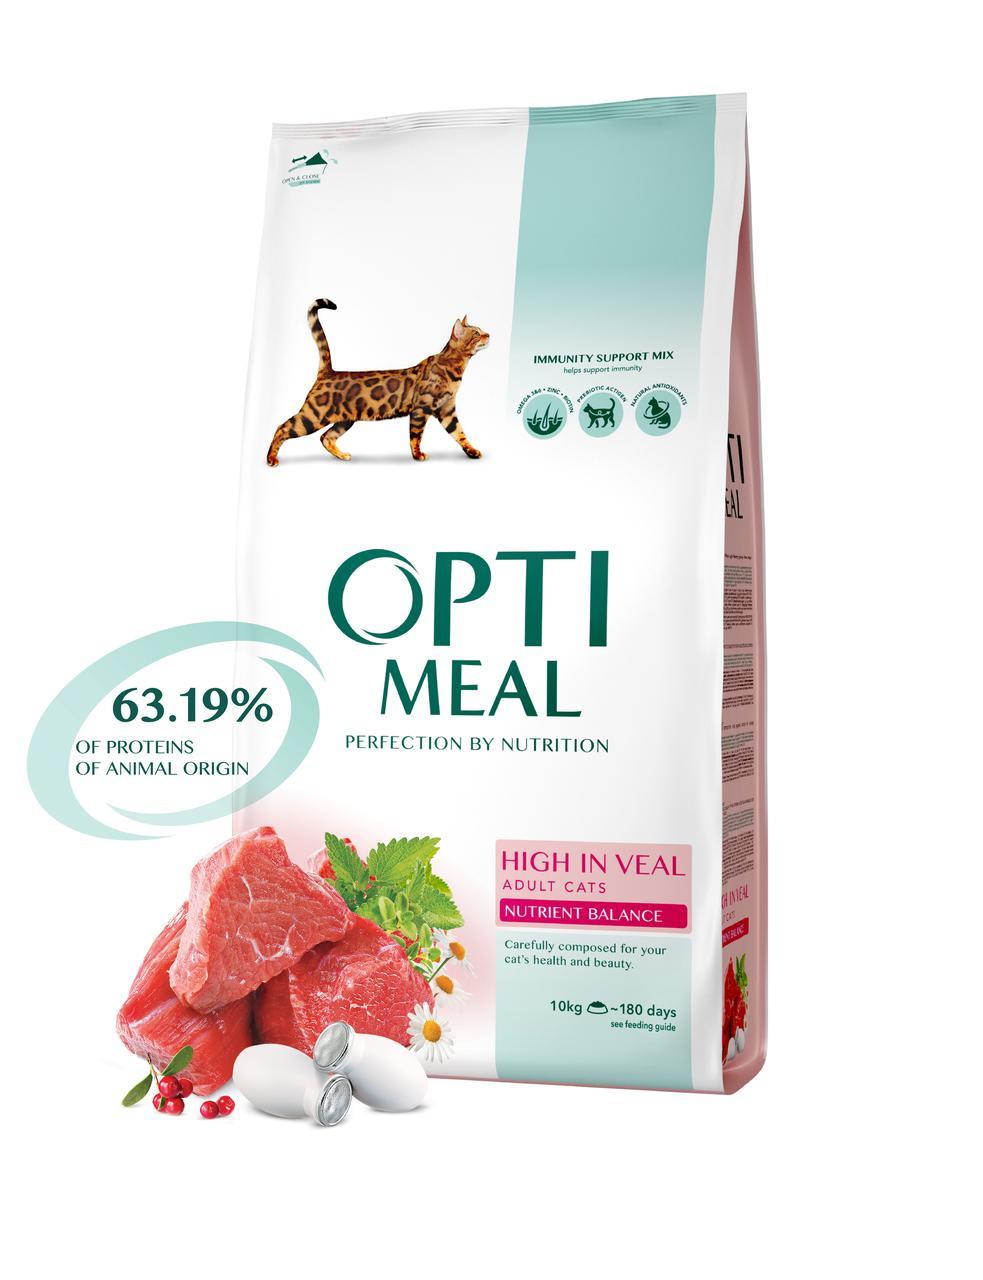 Сухой корм для взрослых кошек с высоким содержанием телятины 10 кг OPTIMEAL ОПТИМИЛ